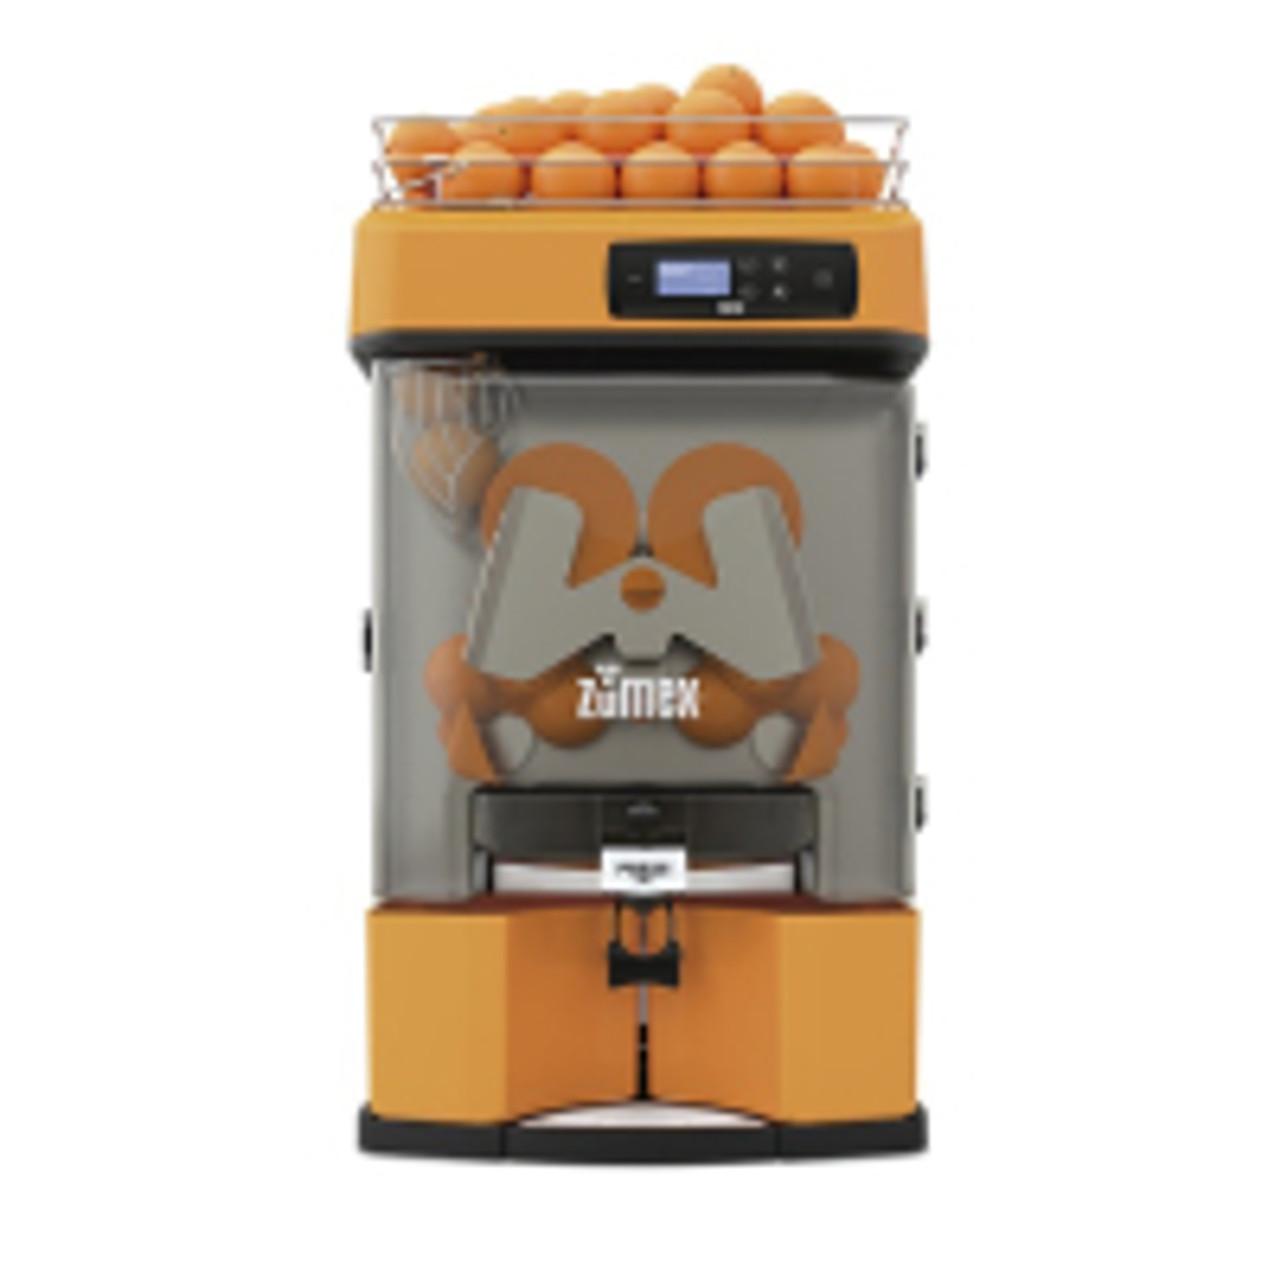 Blenders, Juicers, and Milkshake Machines